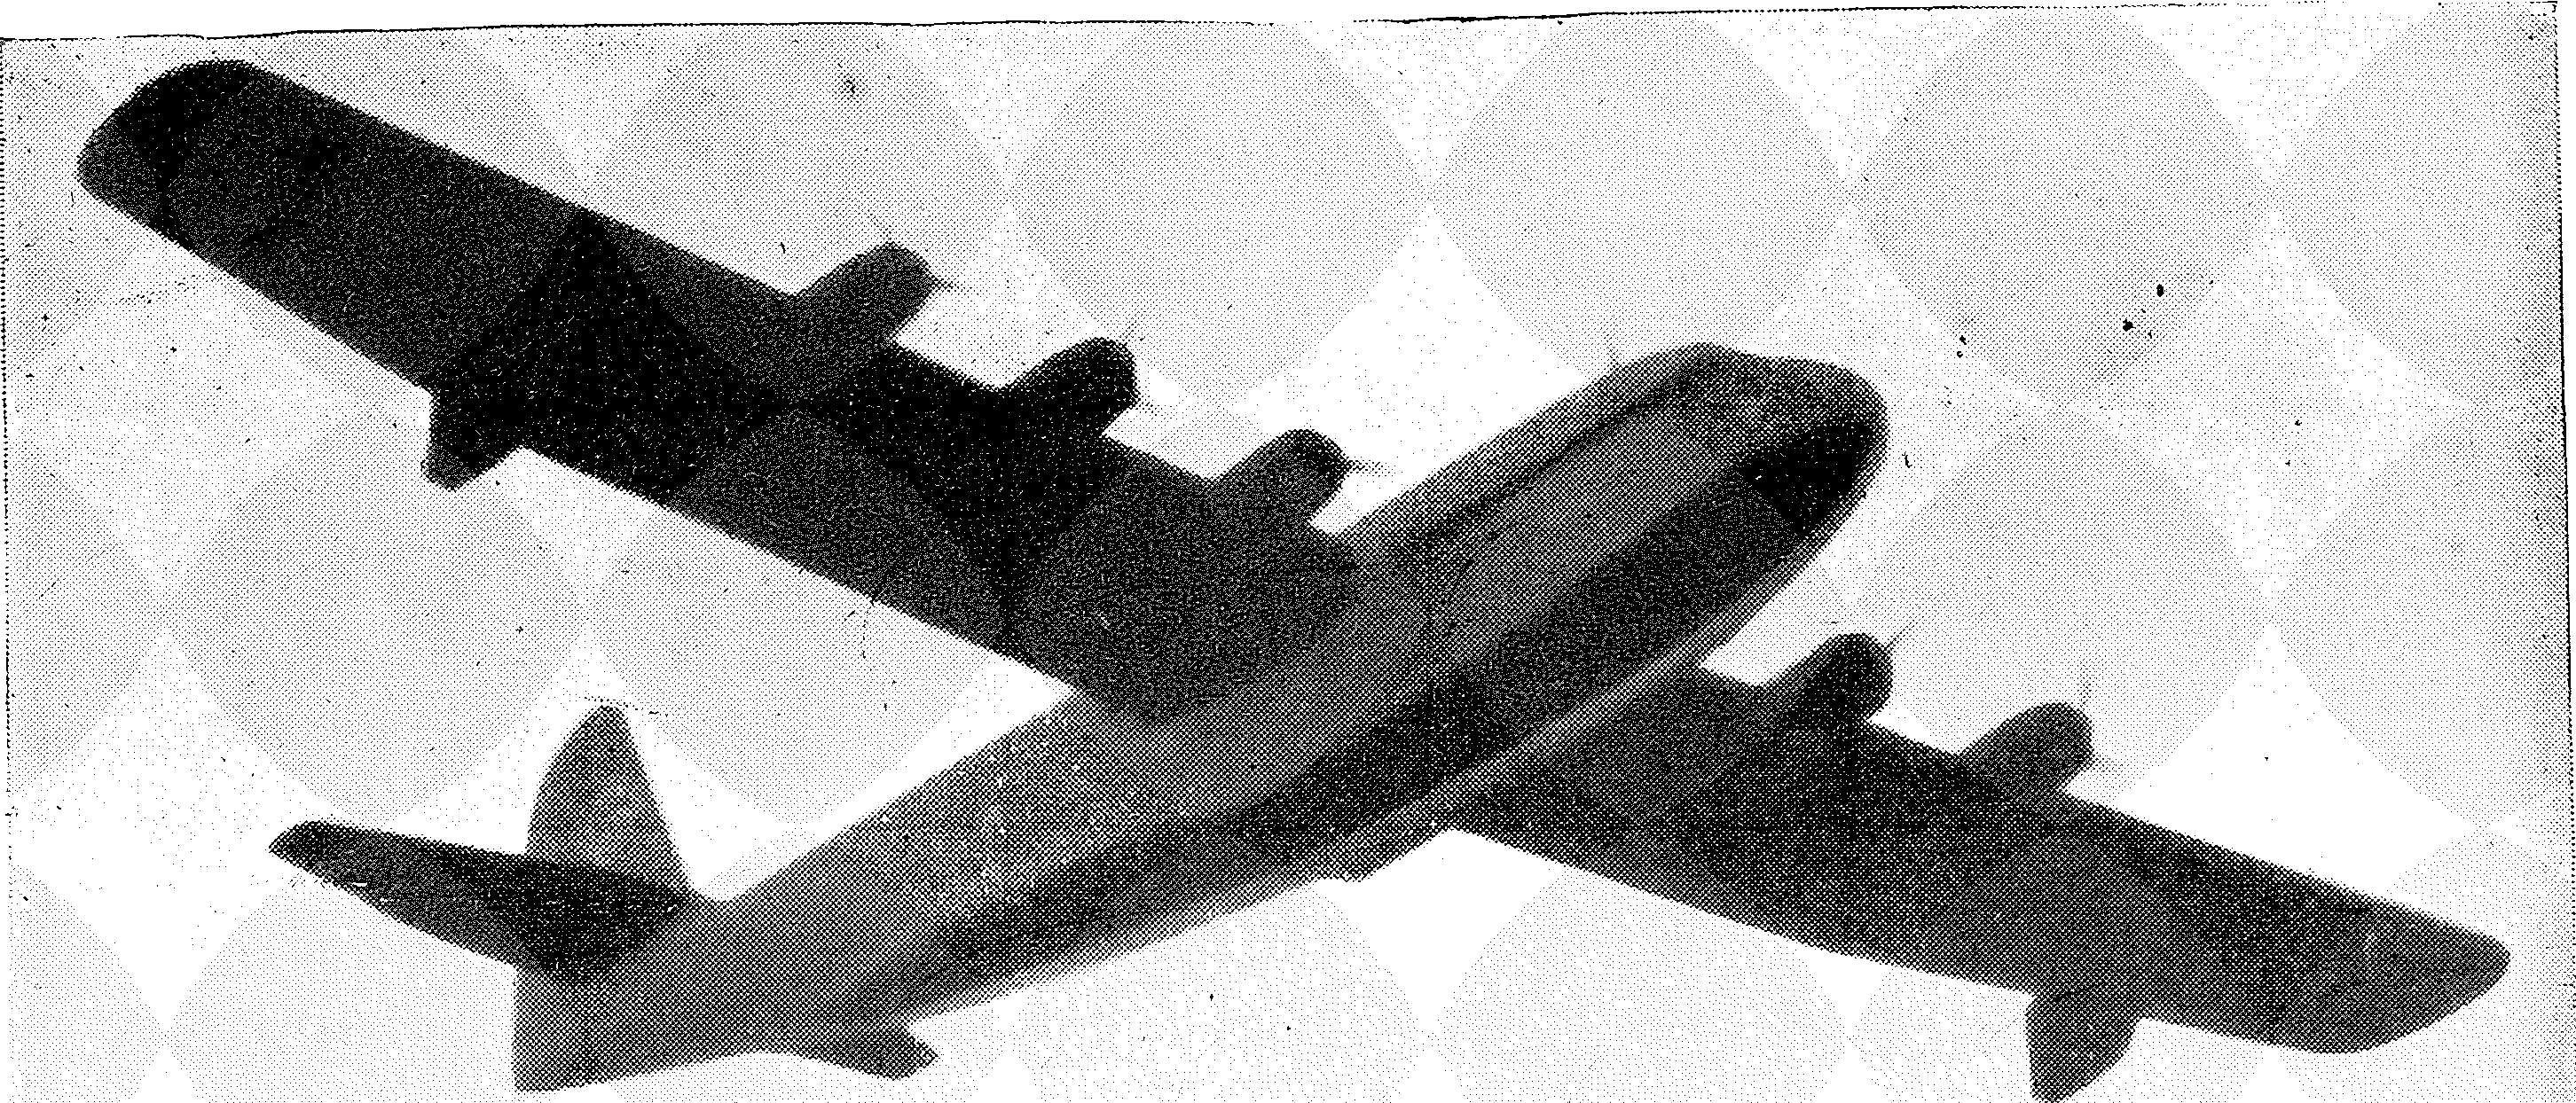 Luftfahrt und Luftwaffe im Zweiten Weltkrieg 1944